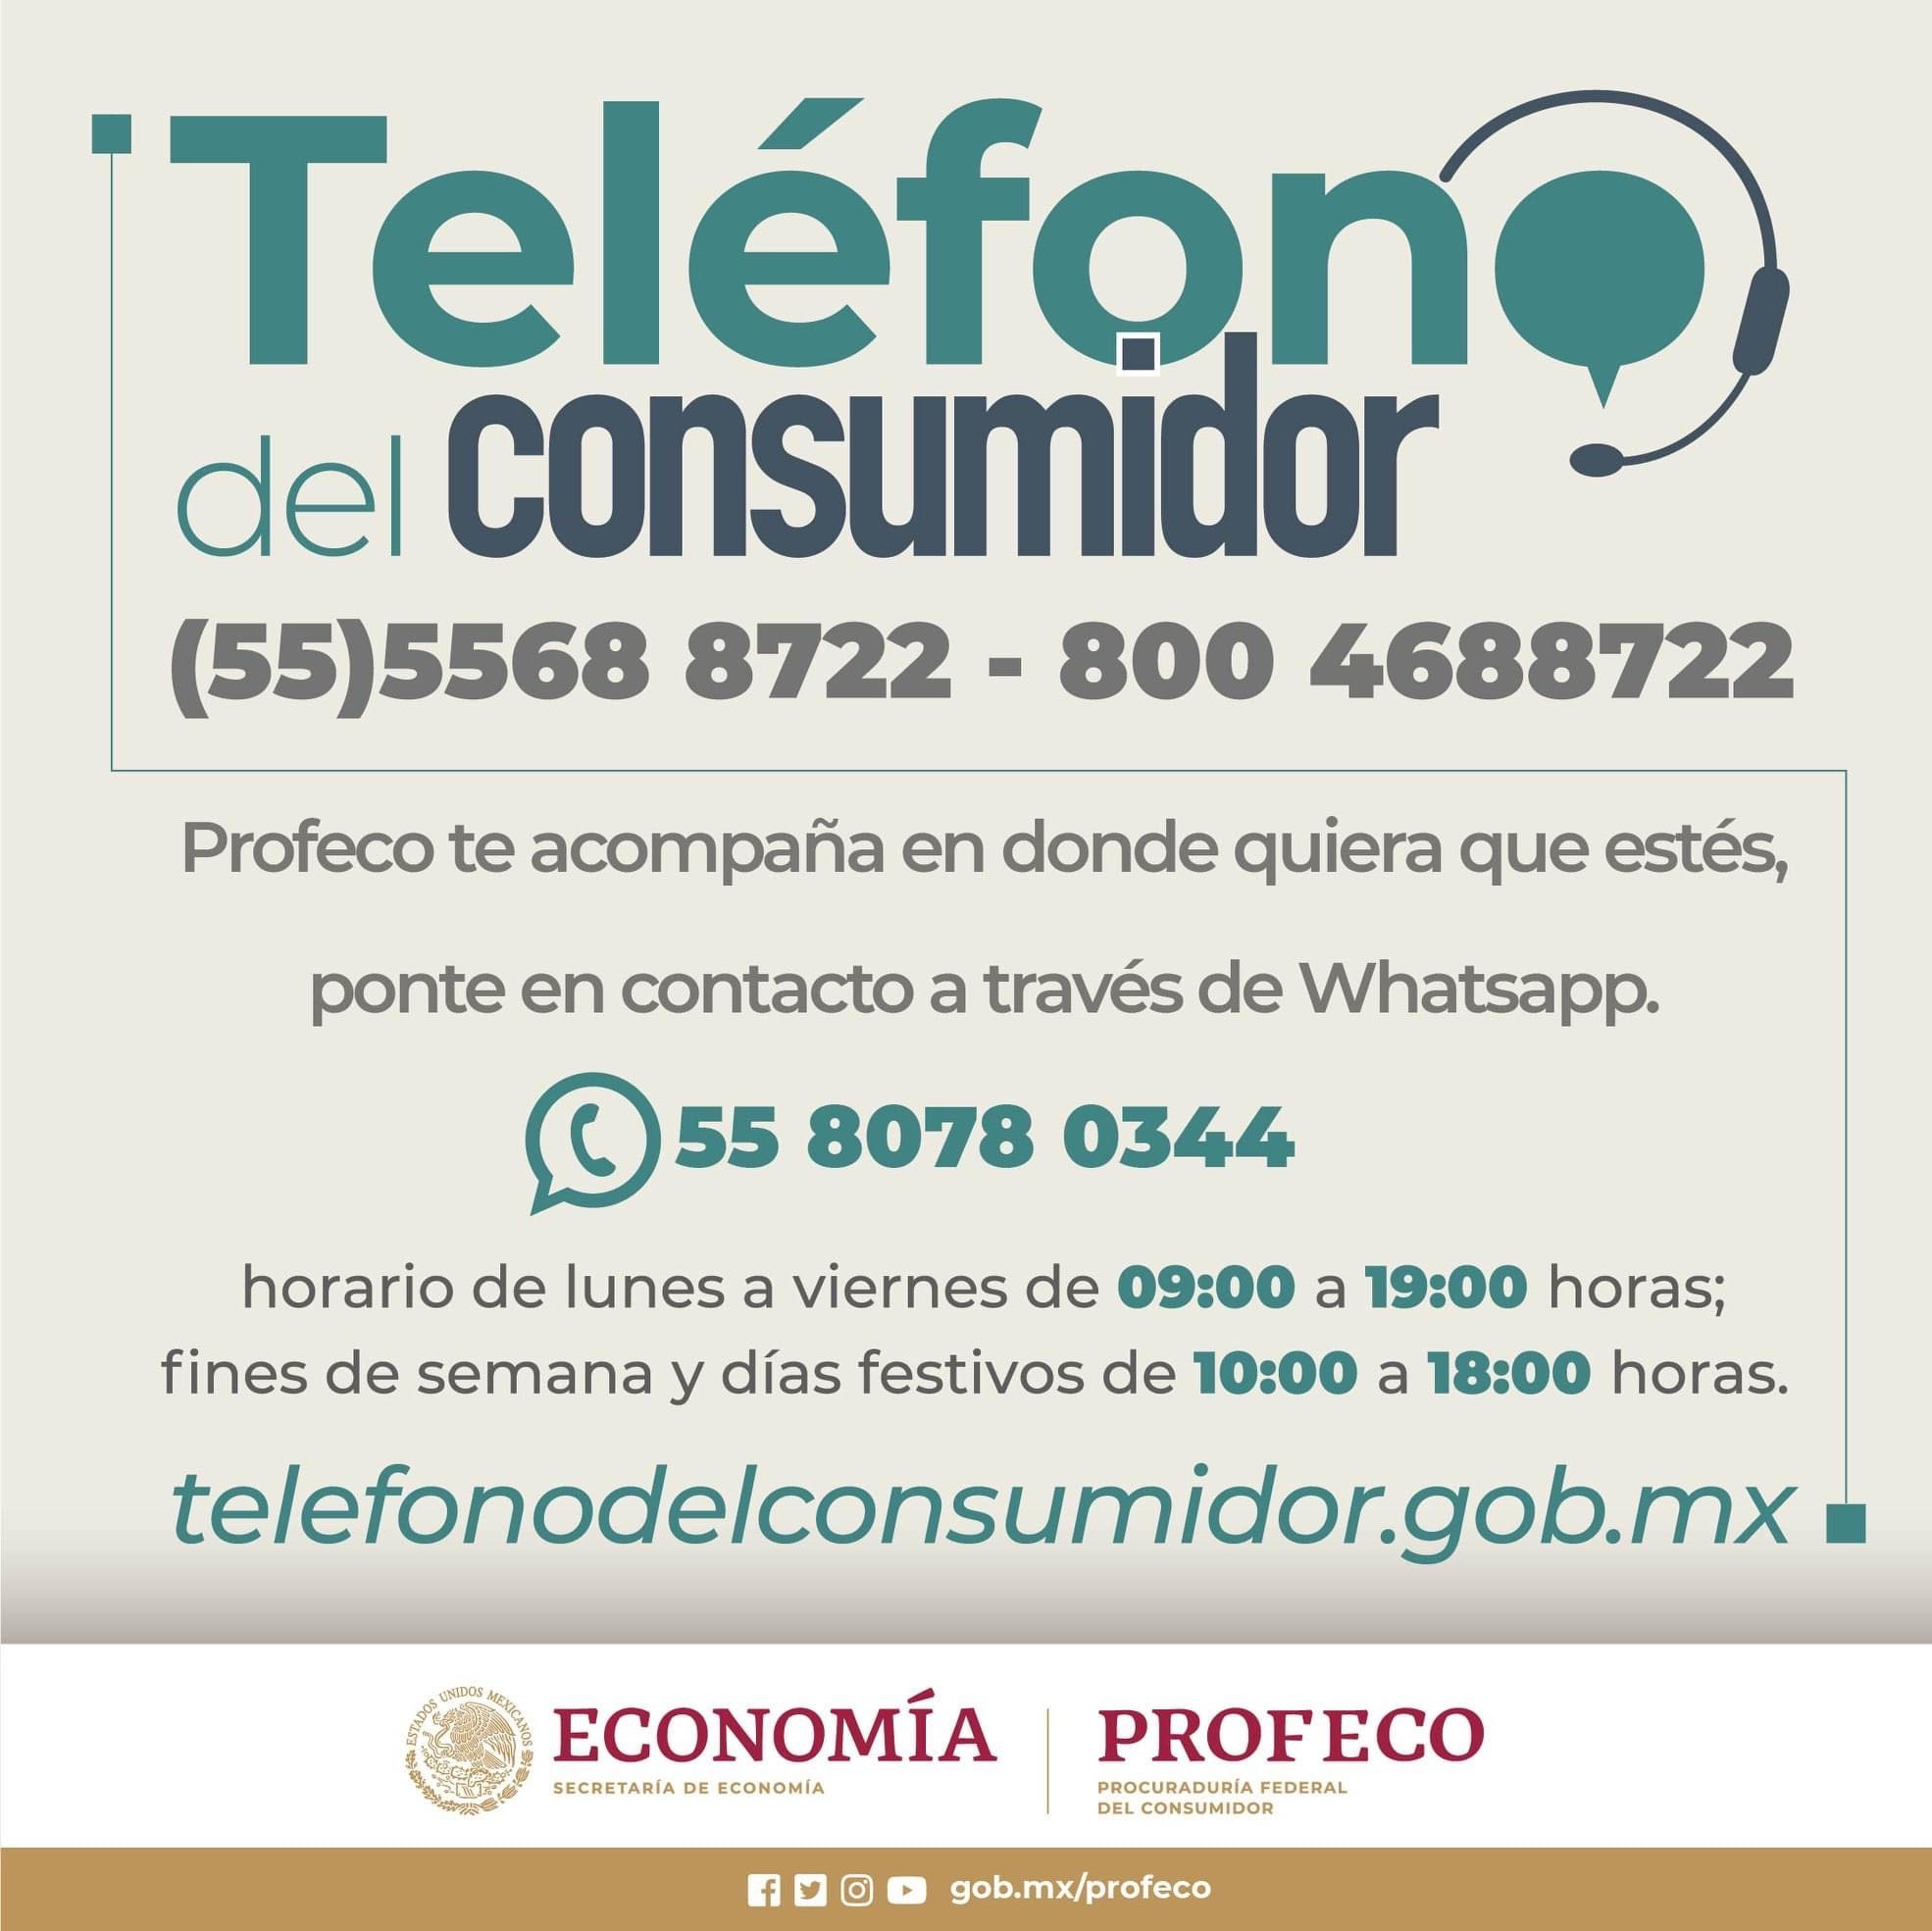 Datos de contacto de la Procuraduría federal del consumidor.